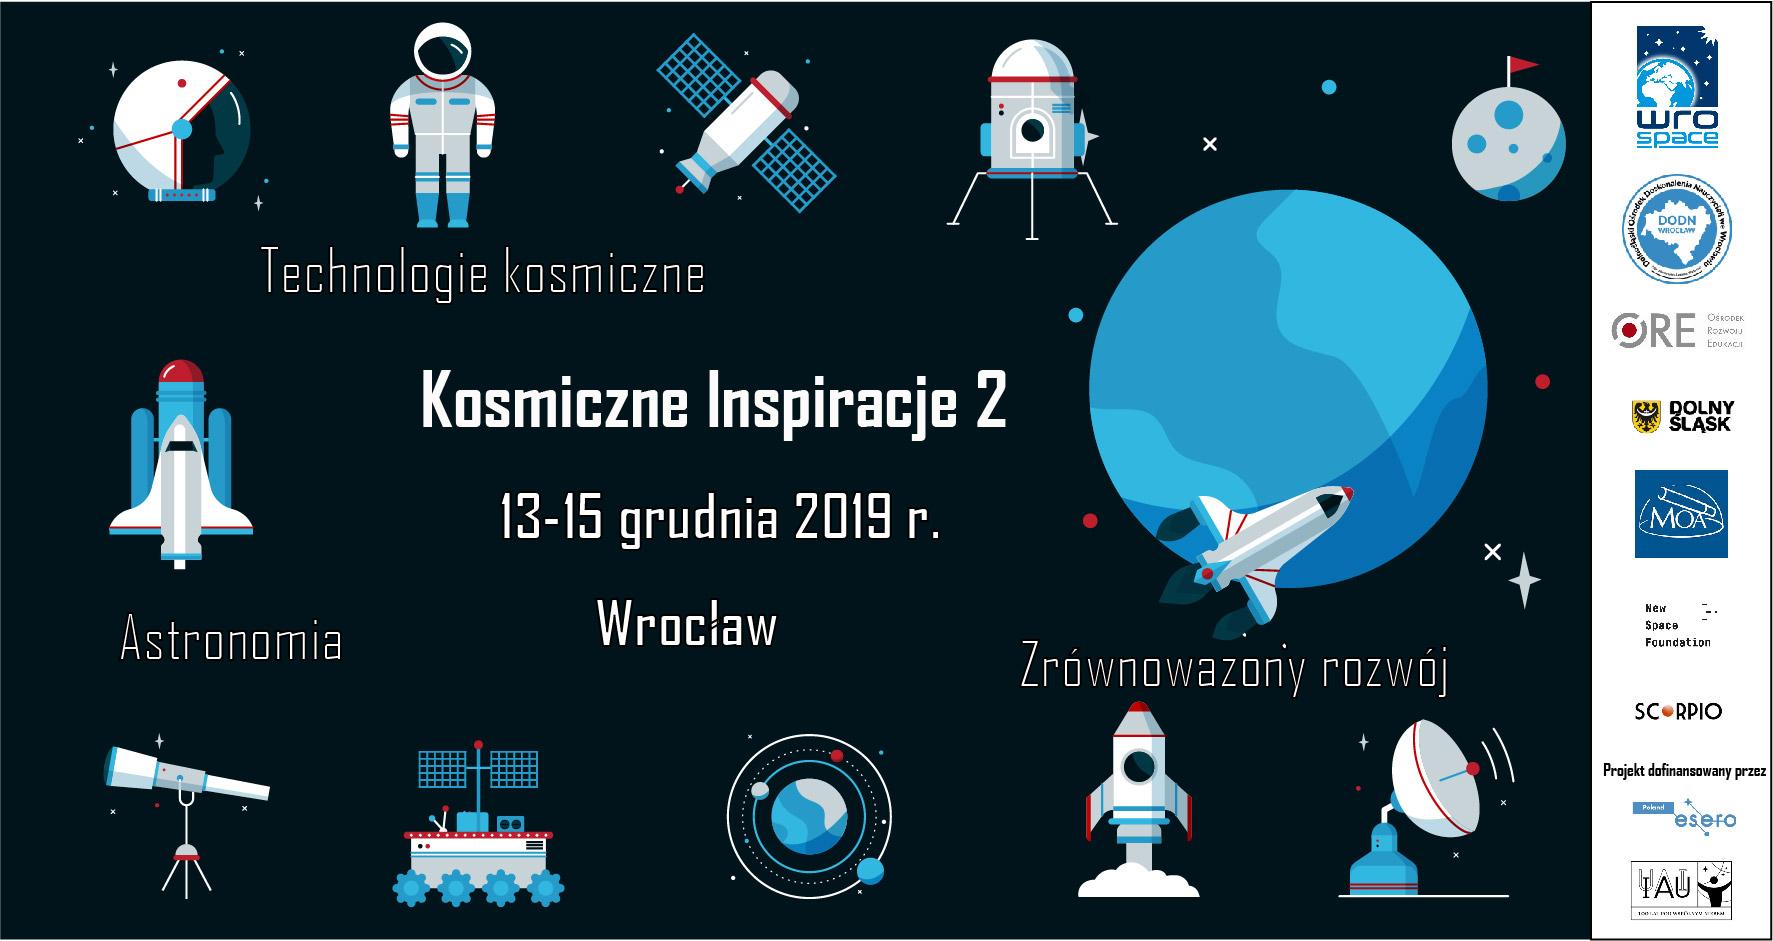 Kosmiczne Inspiracje - szkolenie dla nauczycieli @ Dolnośląski Ośrodek Doskonalenia Nauczycieli weWrocławiu